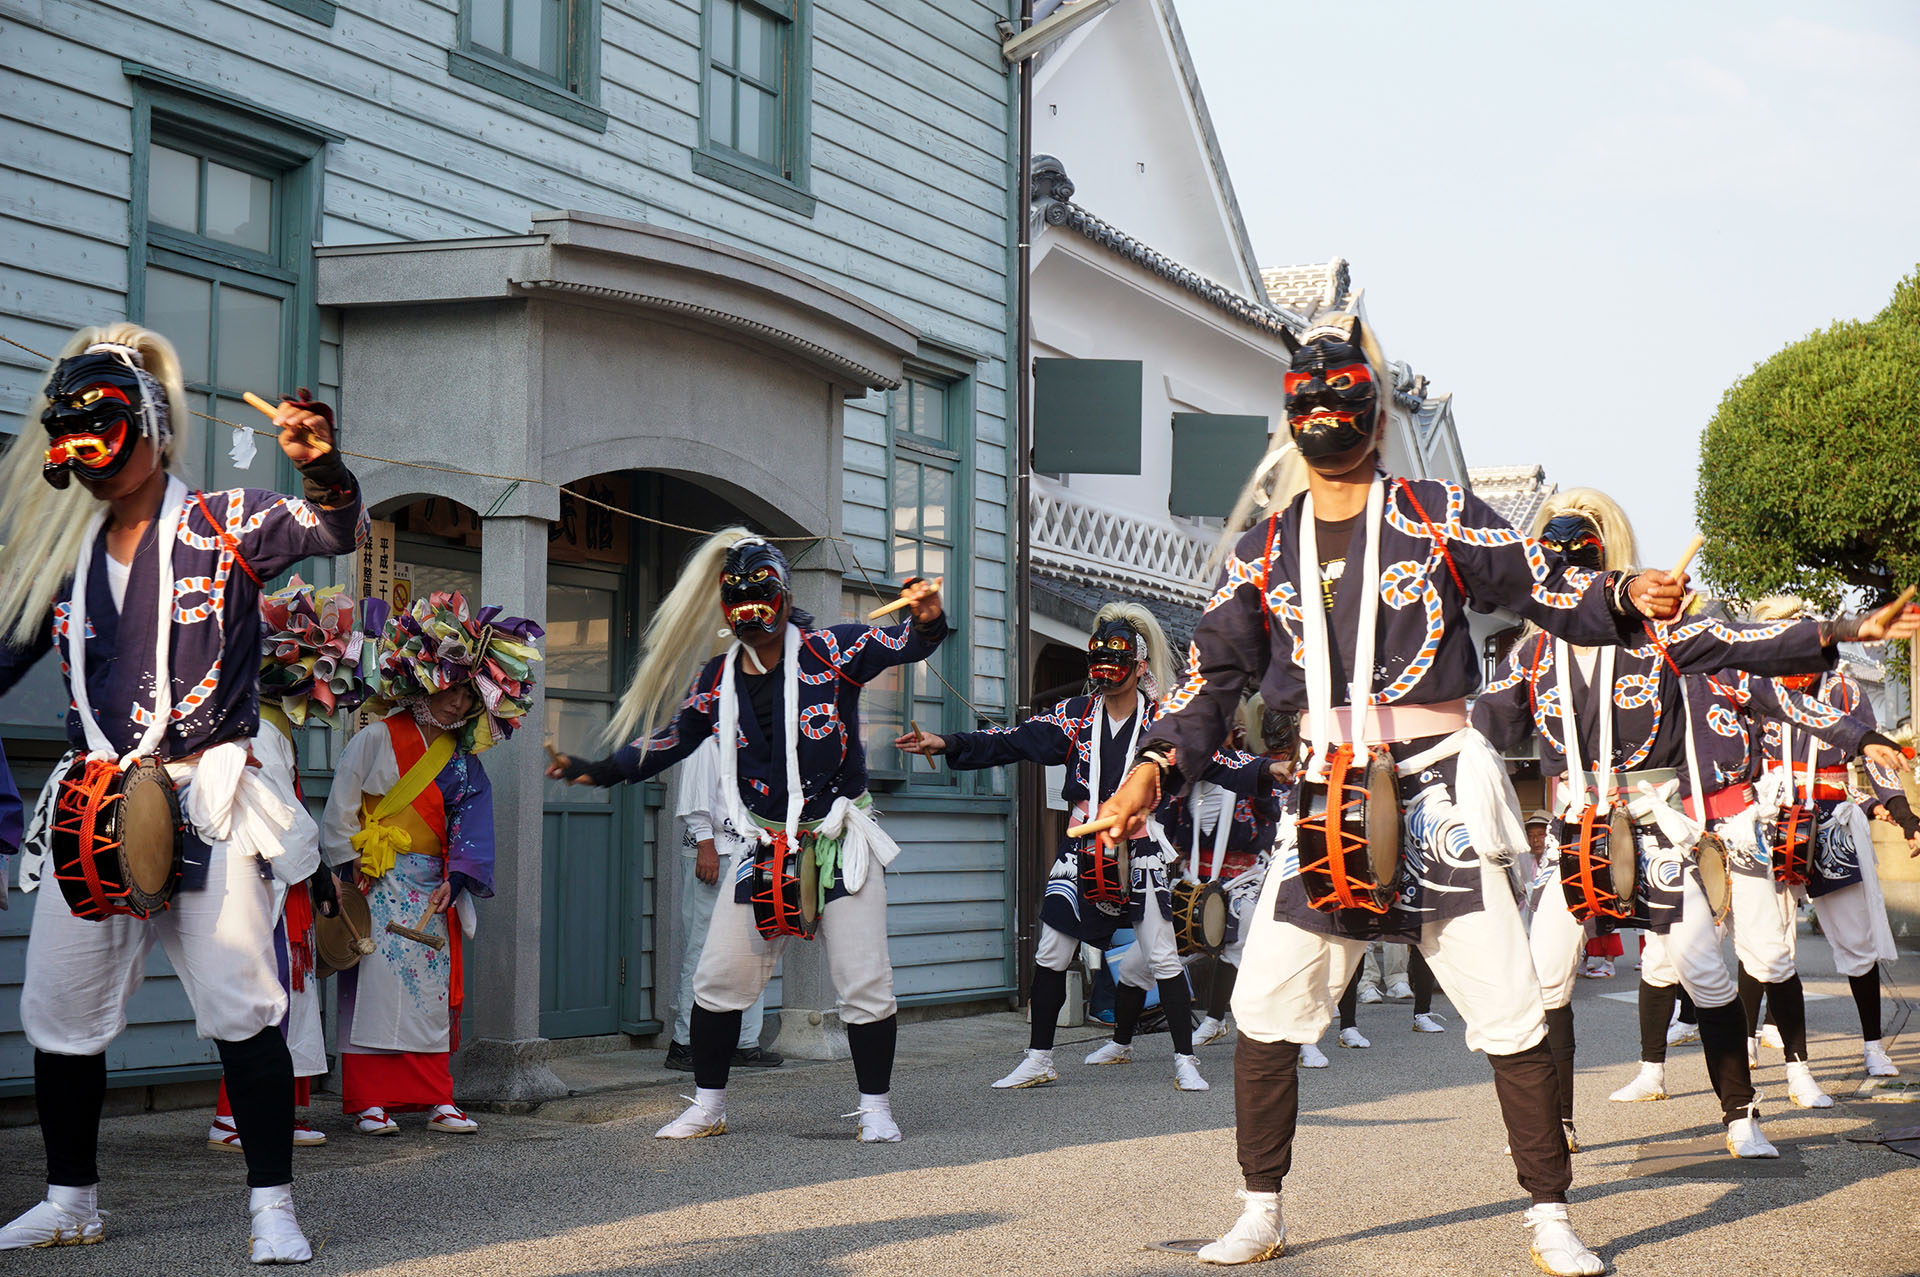 浜祇園祭りの面浮立